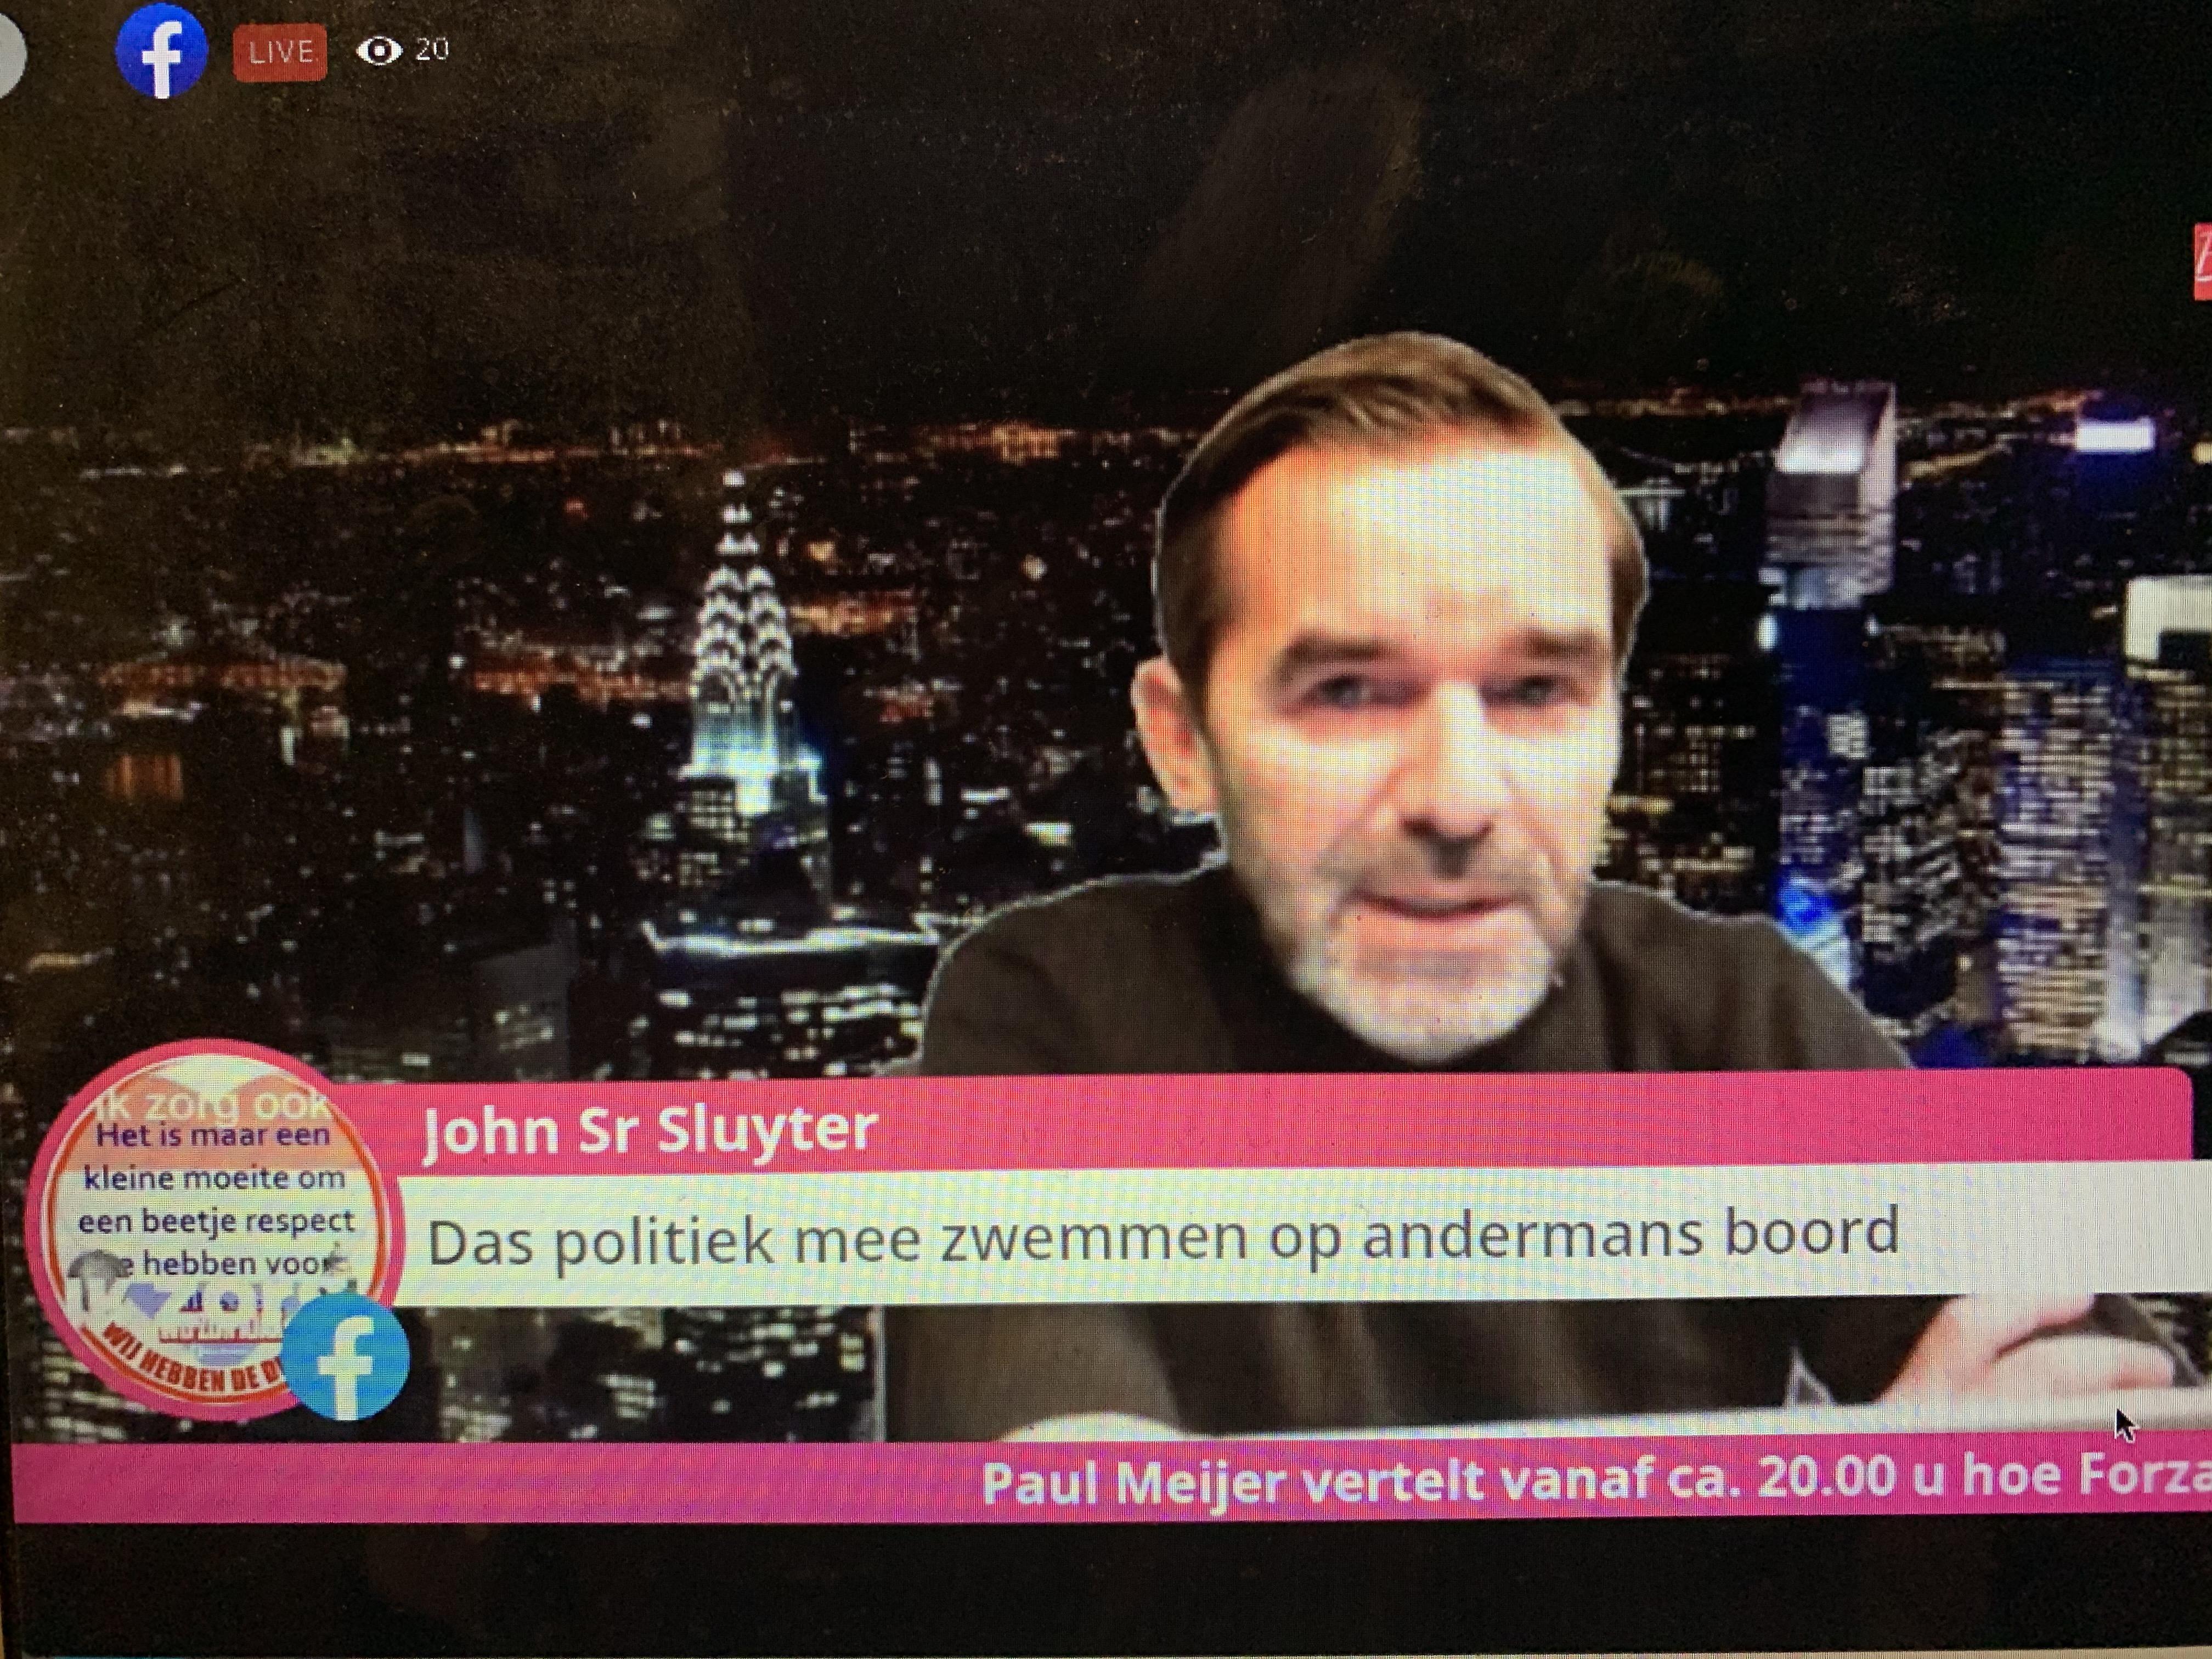 Oprichter Paul Meijer uit Forza gezet: 'Ik blijf raadslid, ik laat mijn 3100 kiezers niet in de steek' [video]